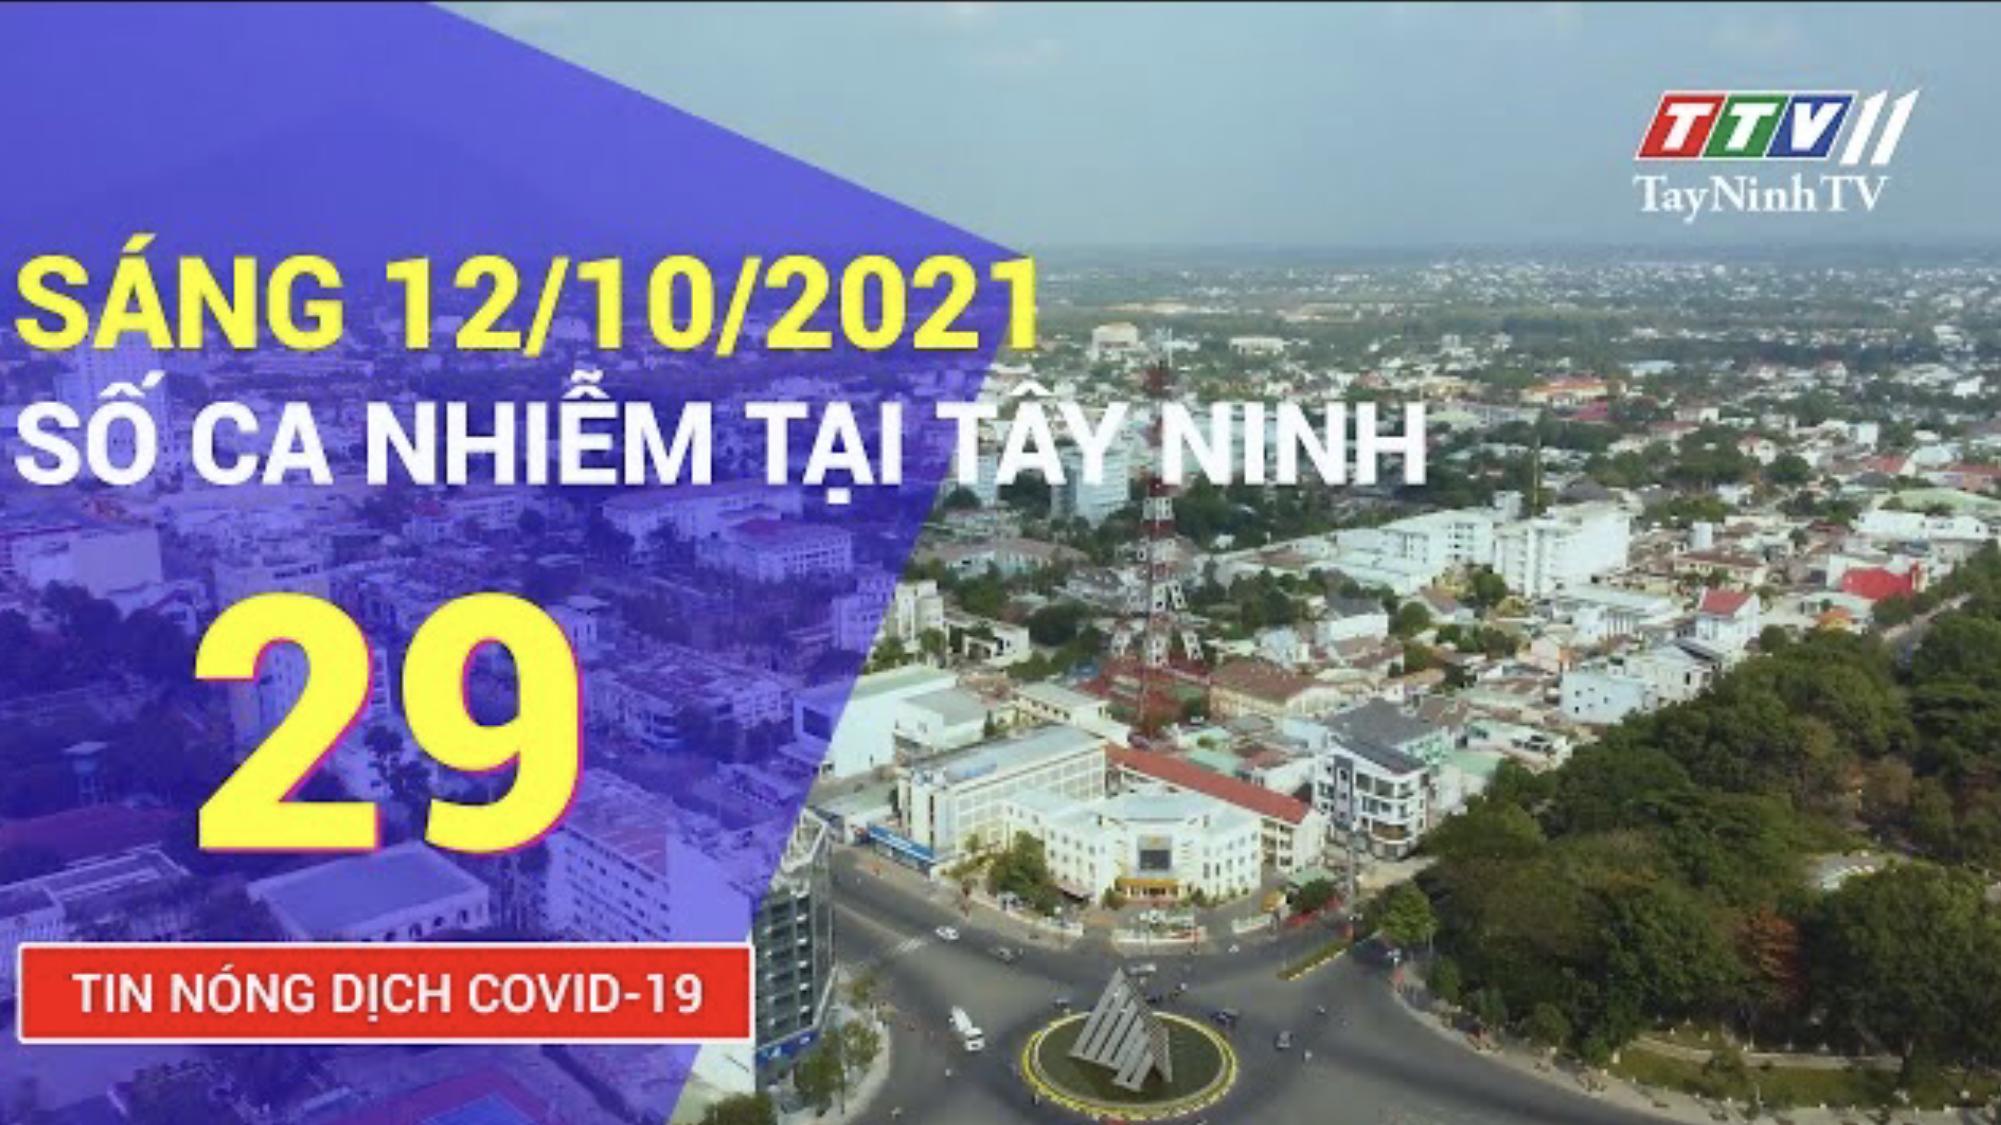 TIN TỨC COVID-19 SÁNG 12/10/2021 | Tin tức hôm nay | TayNinhTV